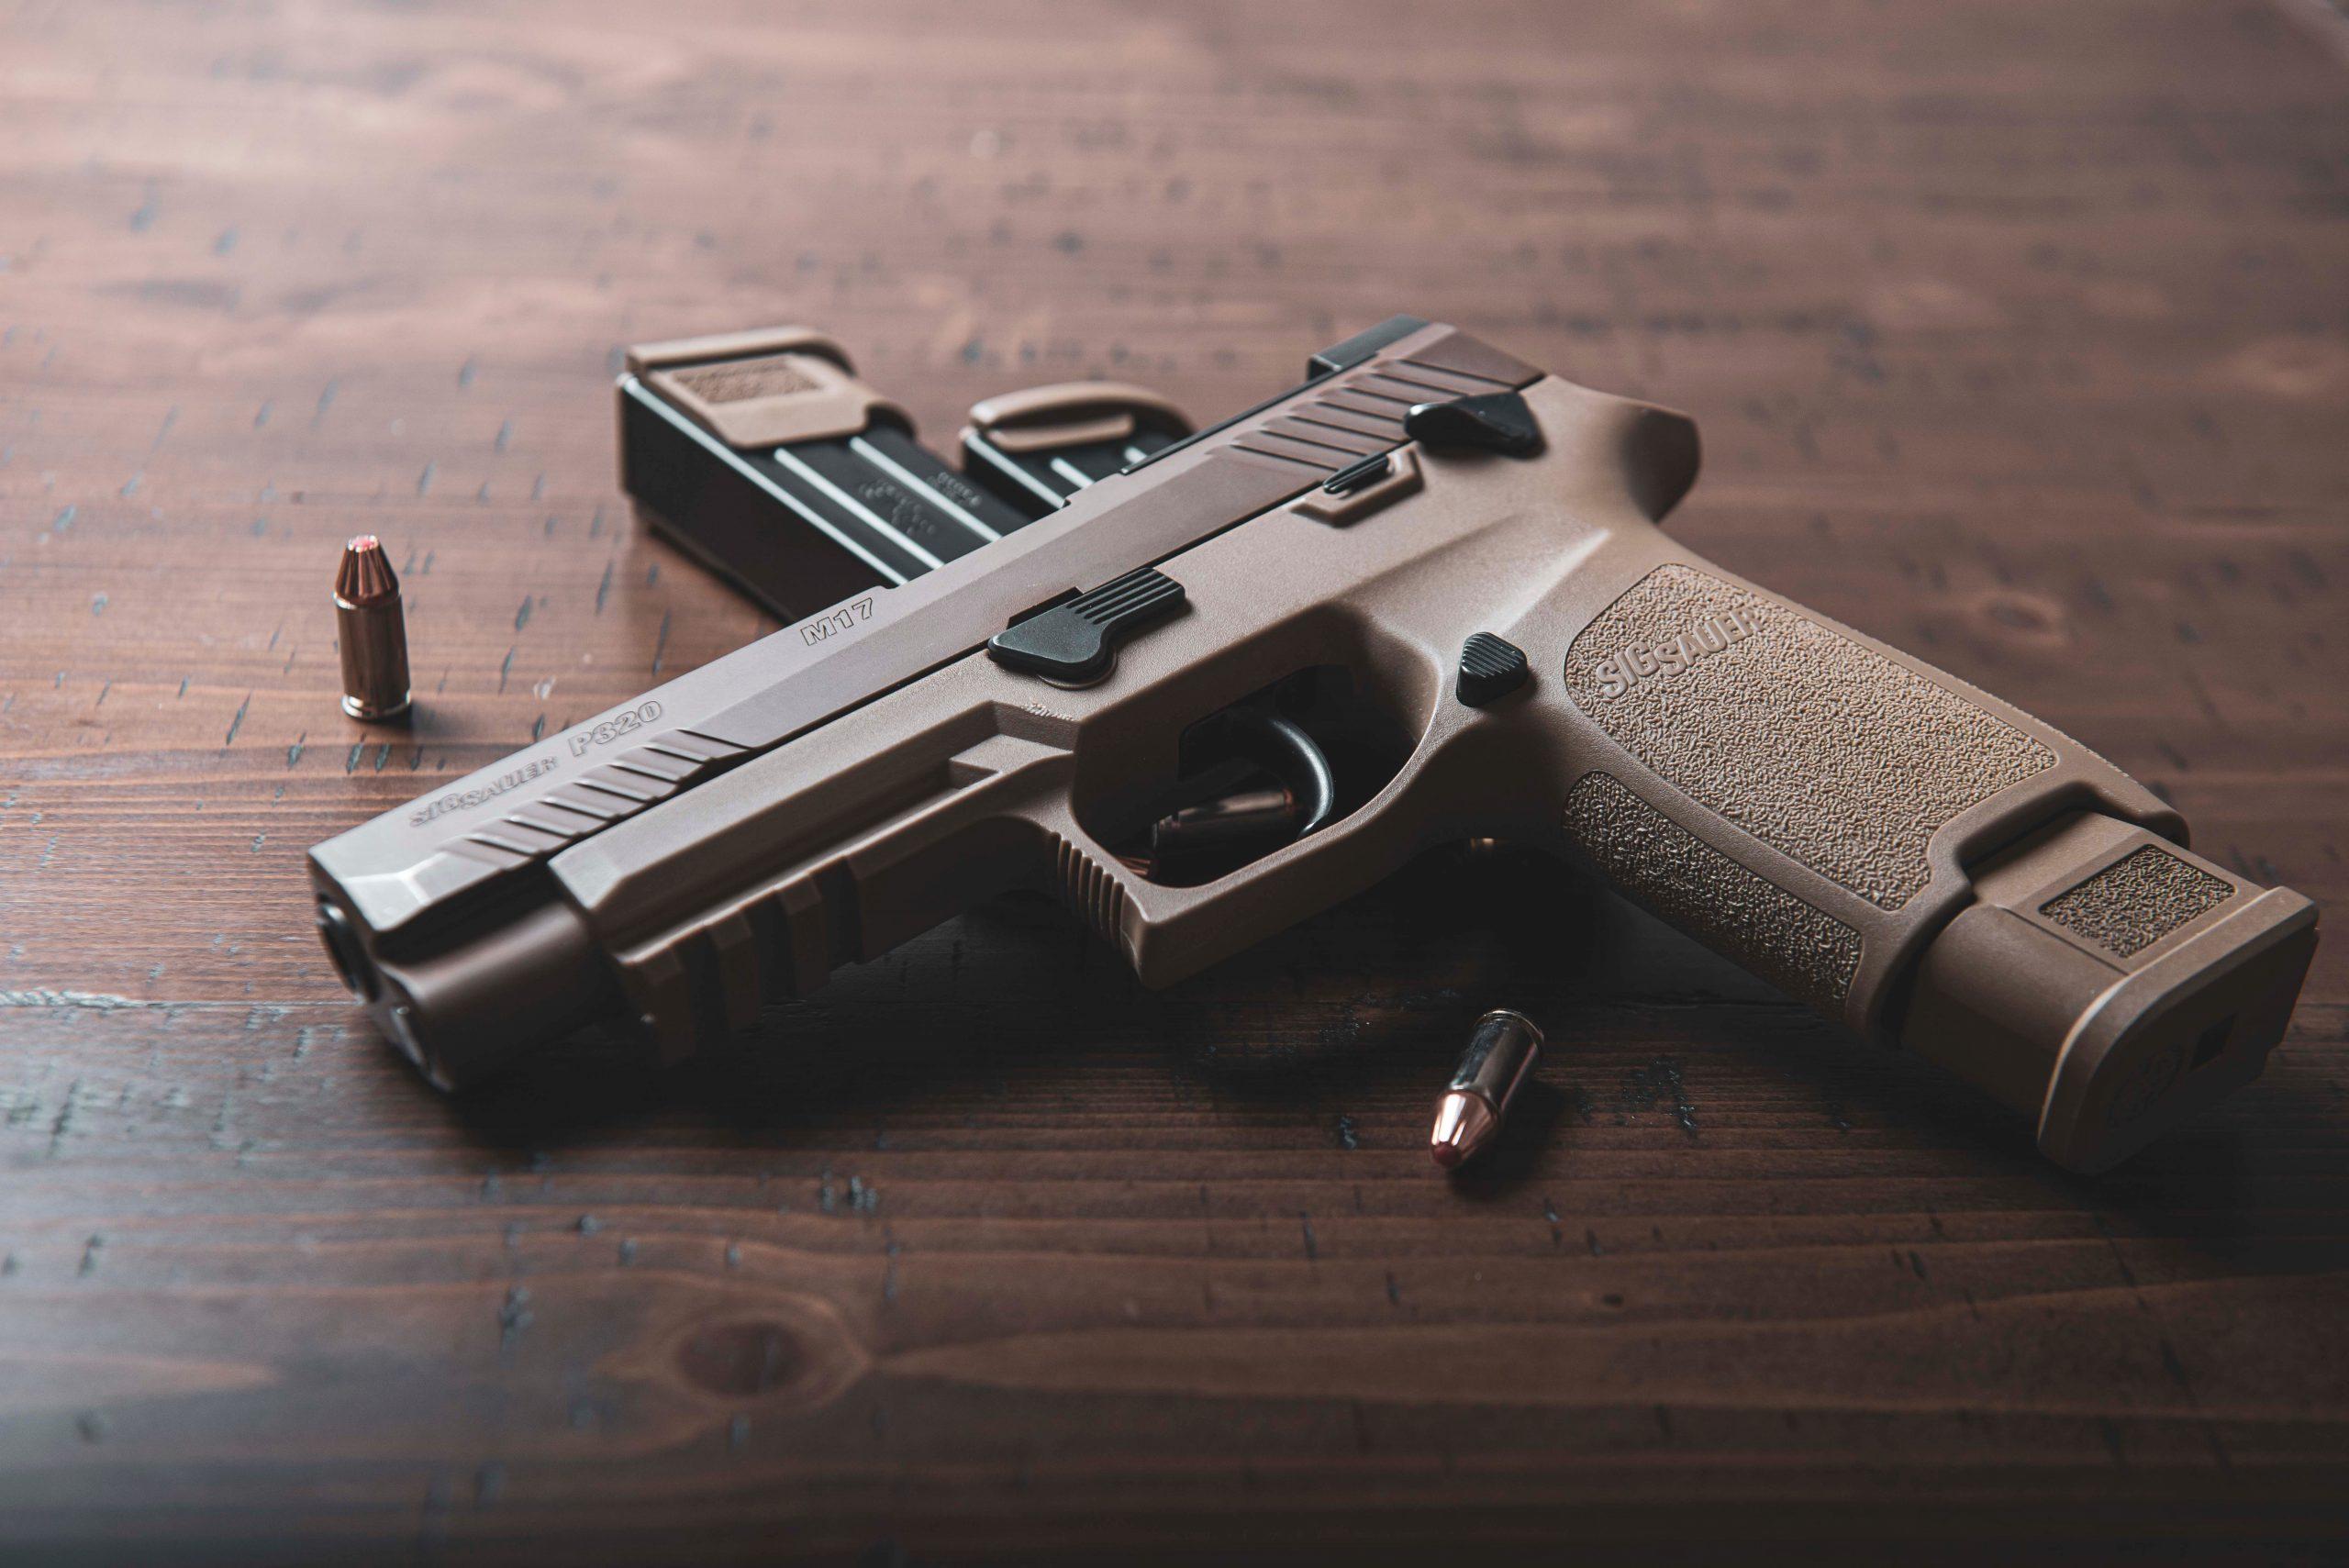 pistol criminal defence durban